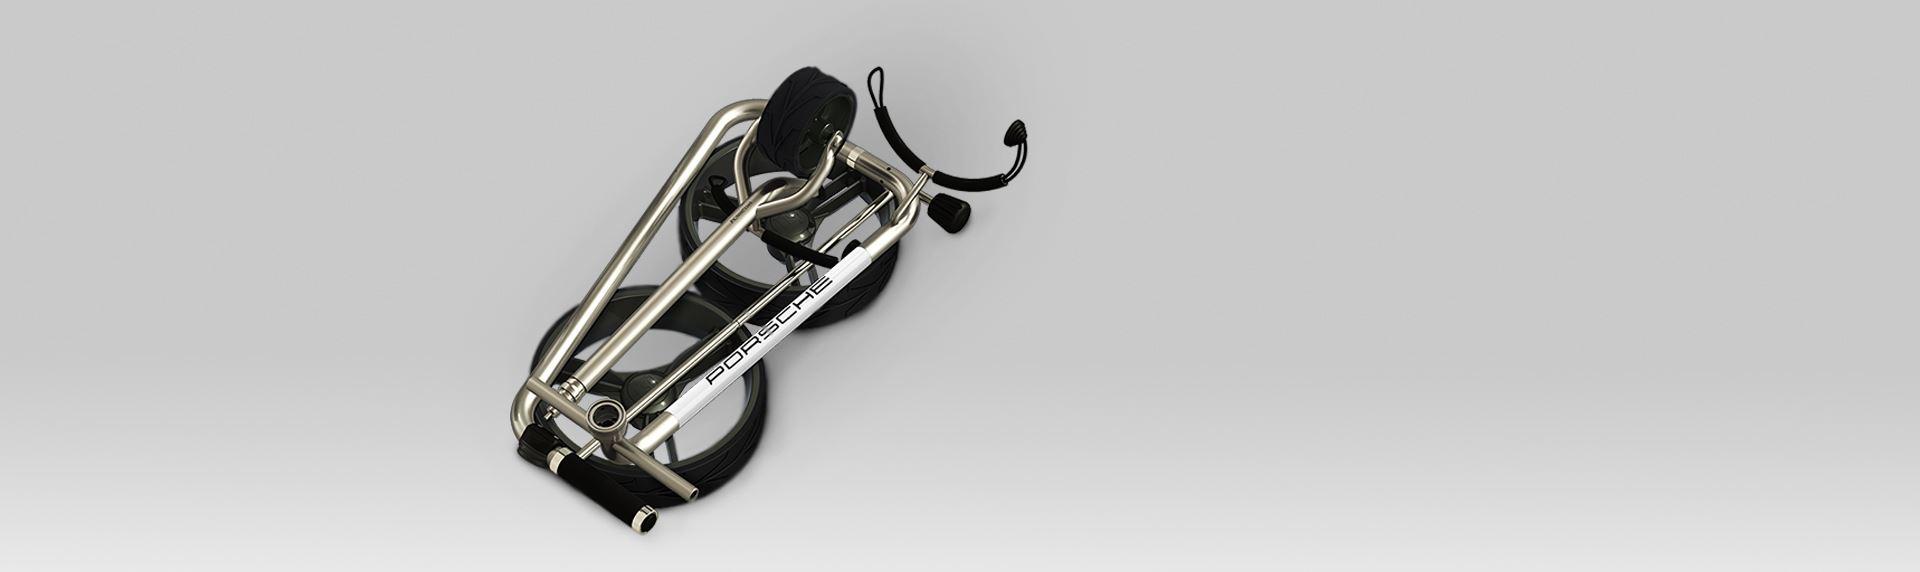 全球AU设计-高尔夫球包车Golf Cart